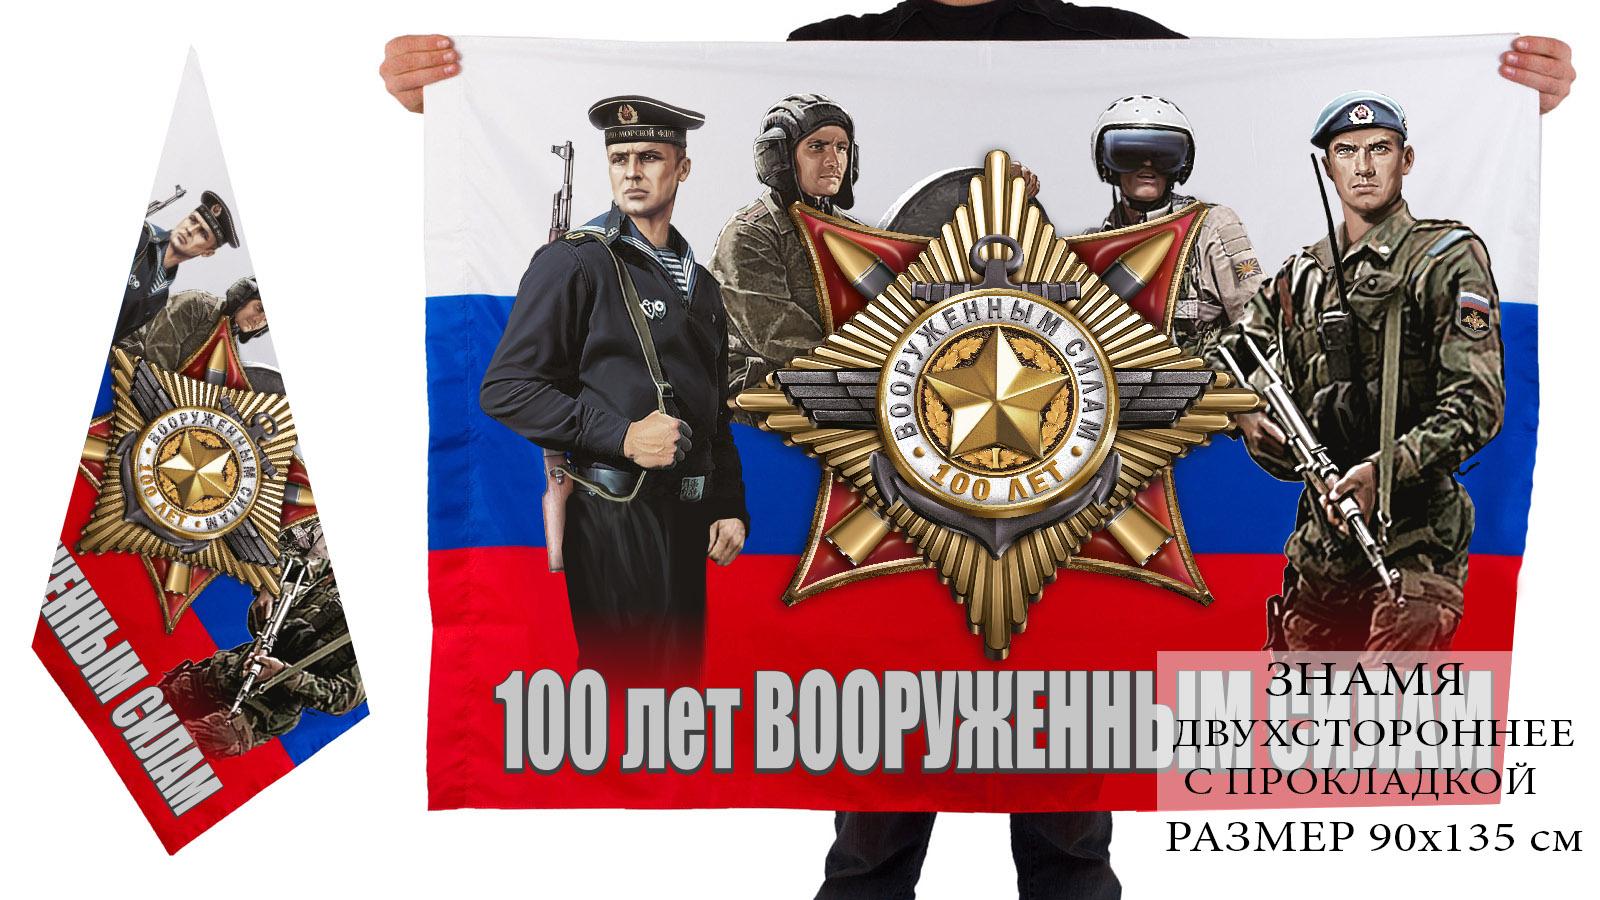 Двухстороннее знамя к 100-летию Вооруженных сил России